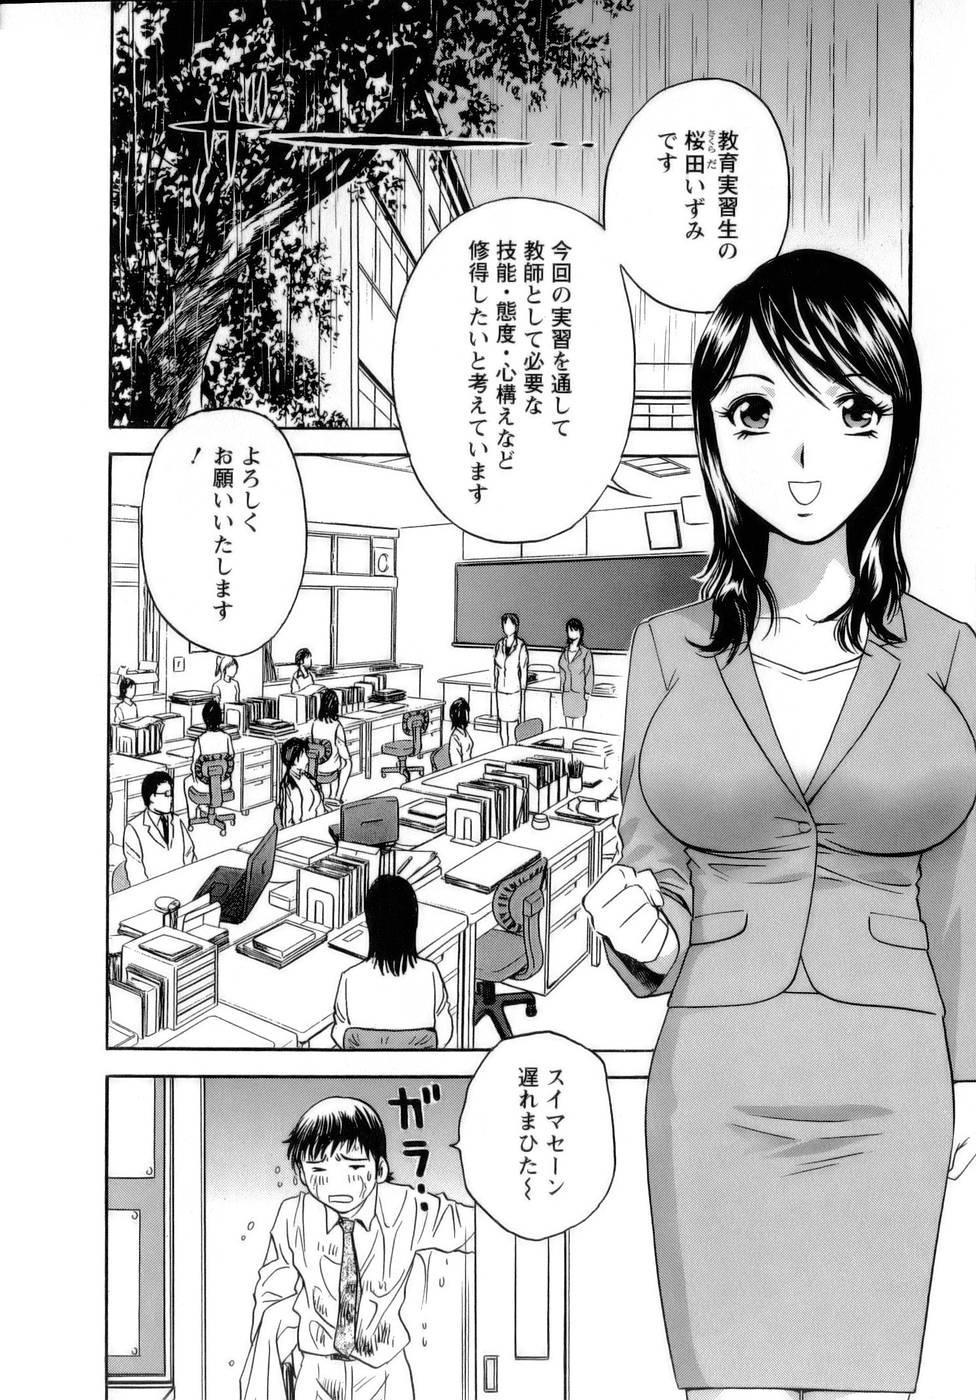 [Hidemaru] Mo-Retsu! Boin Sensei (Boing Boing Teacher) Vol.1 173